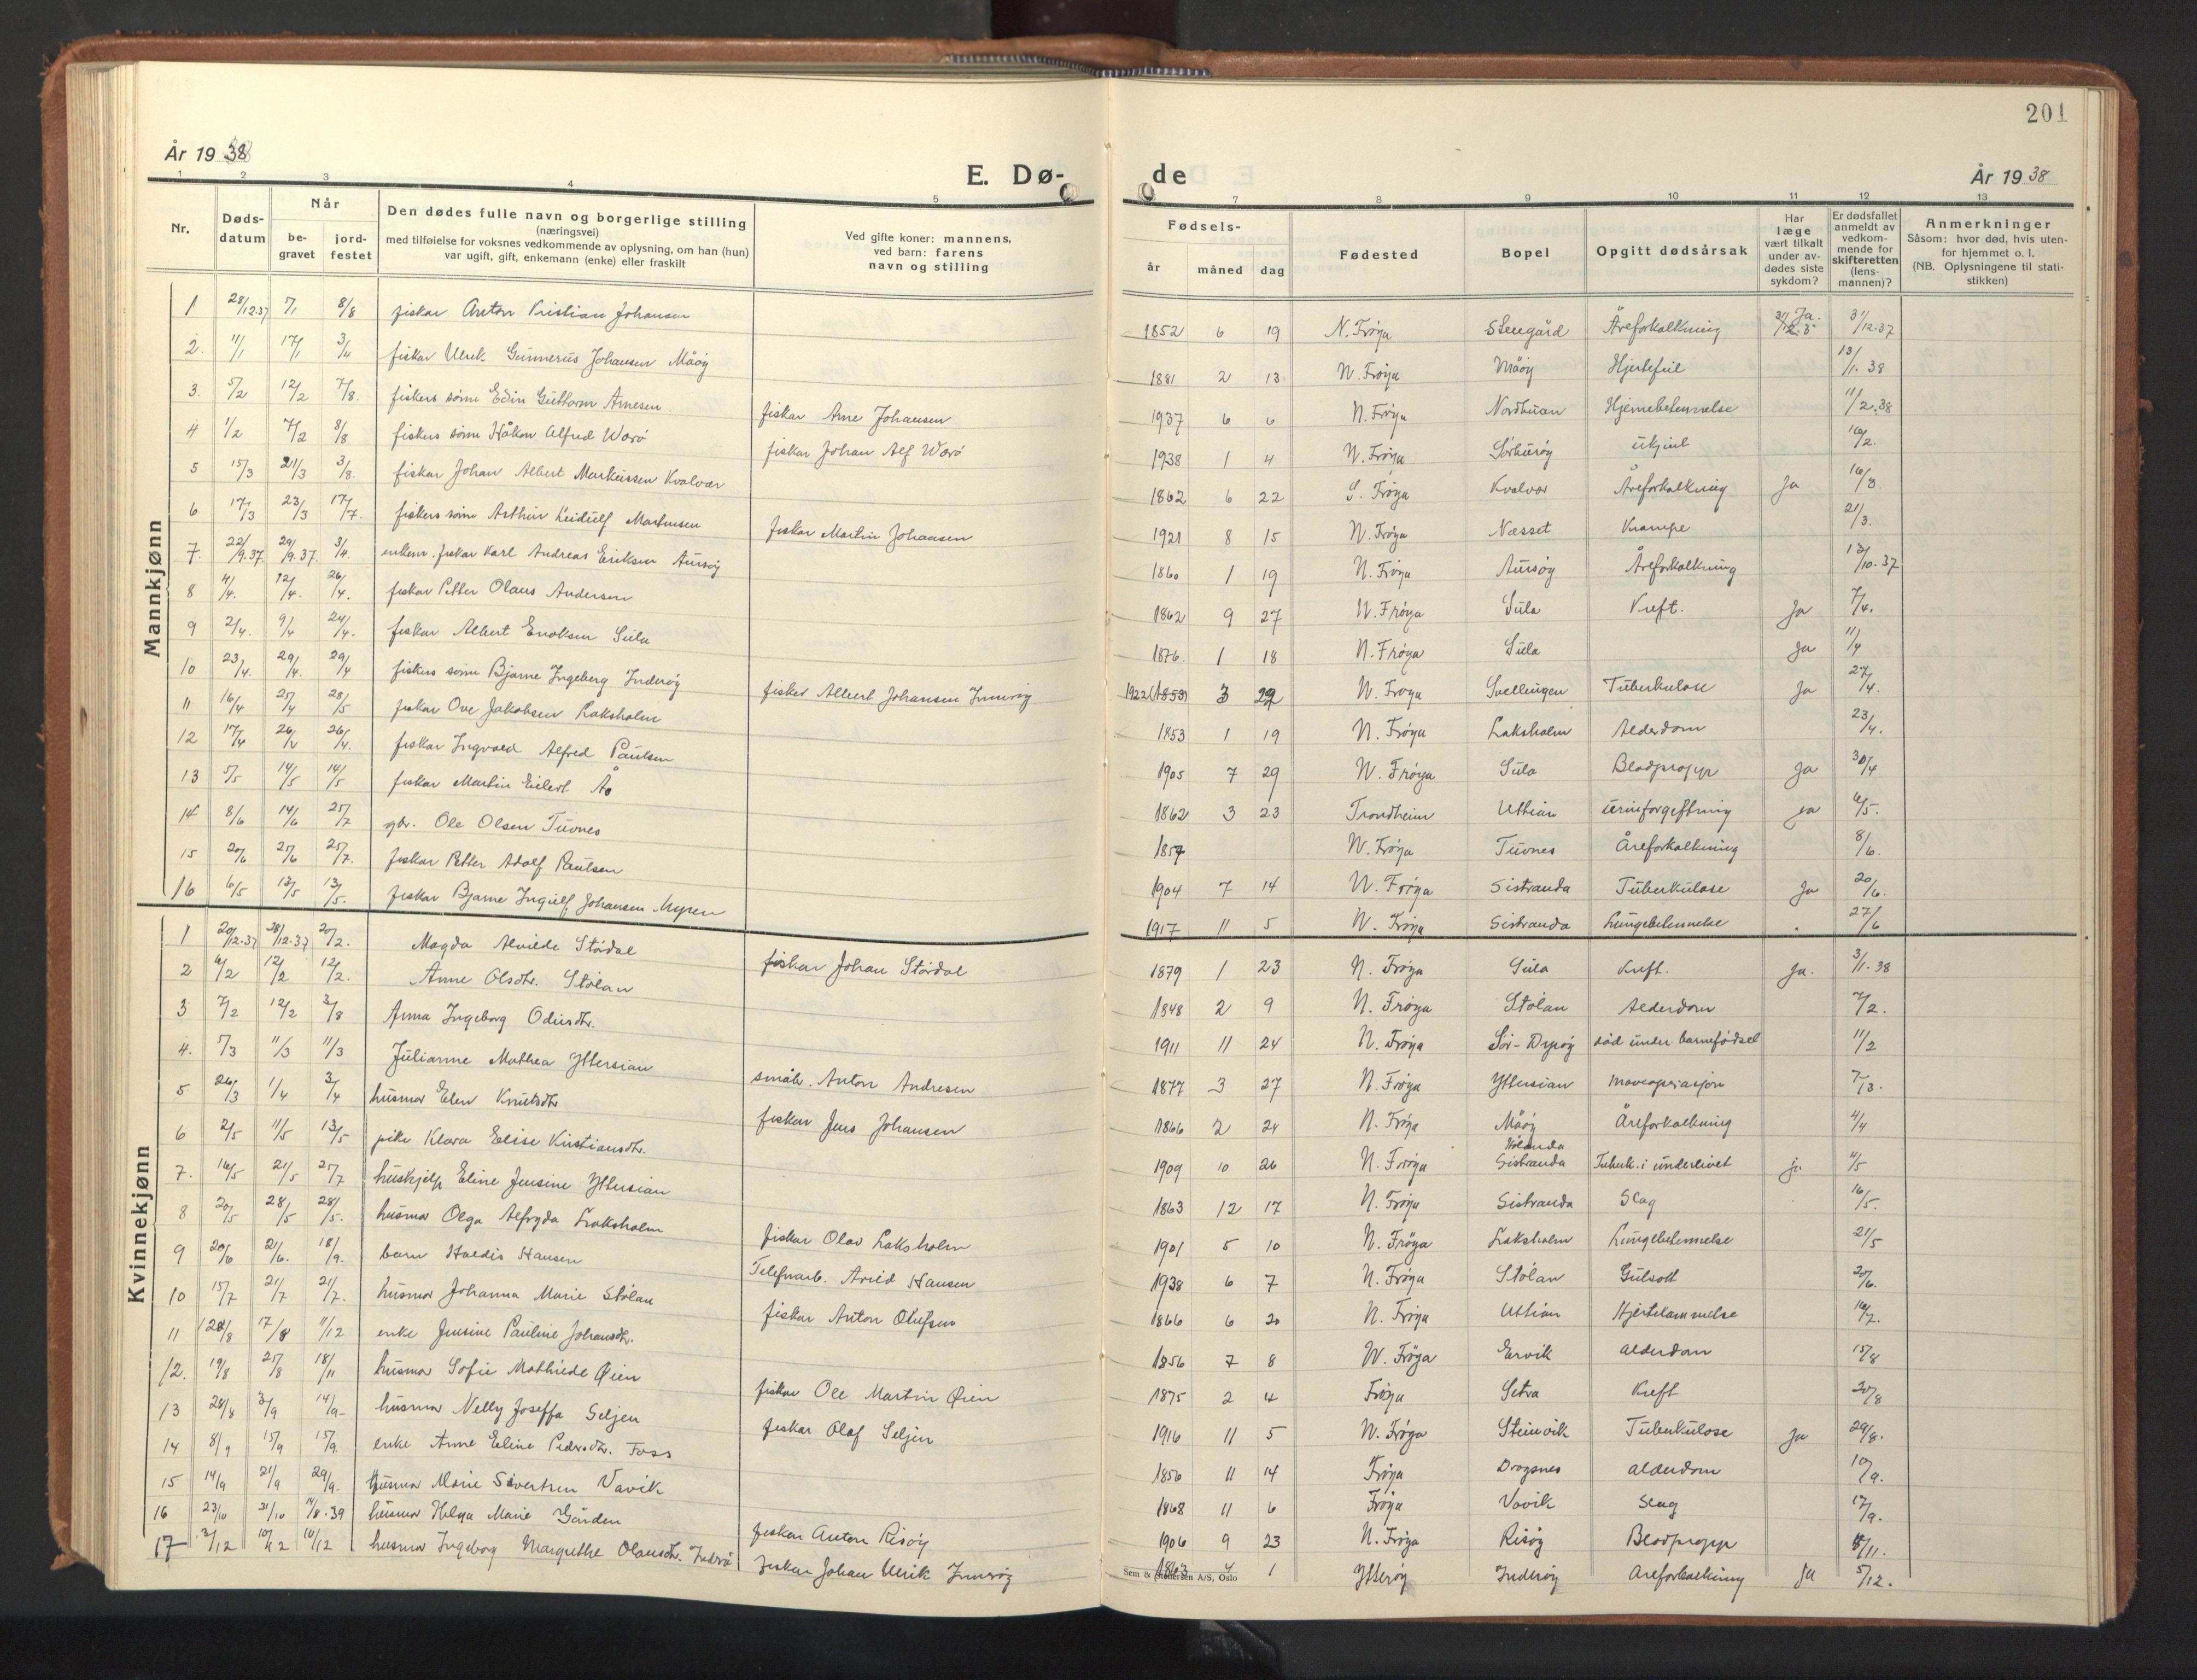 SAT, Ministerialprotokoller, klokkerbøker og fødselsregistre - Sør-Trøndelag, 640/L0590: Klokkerbok nr. 640C07, 1935-1948, s. 201